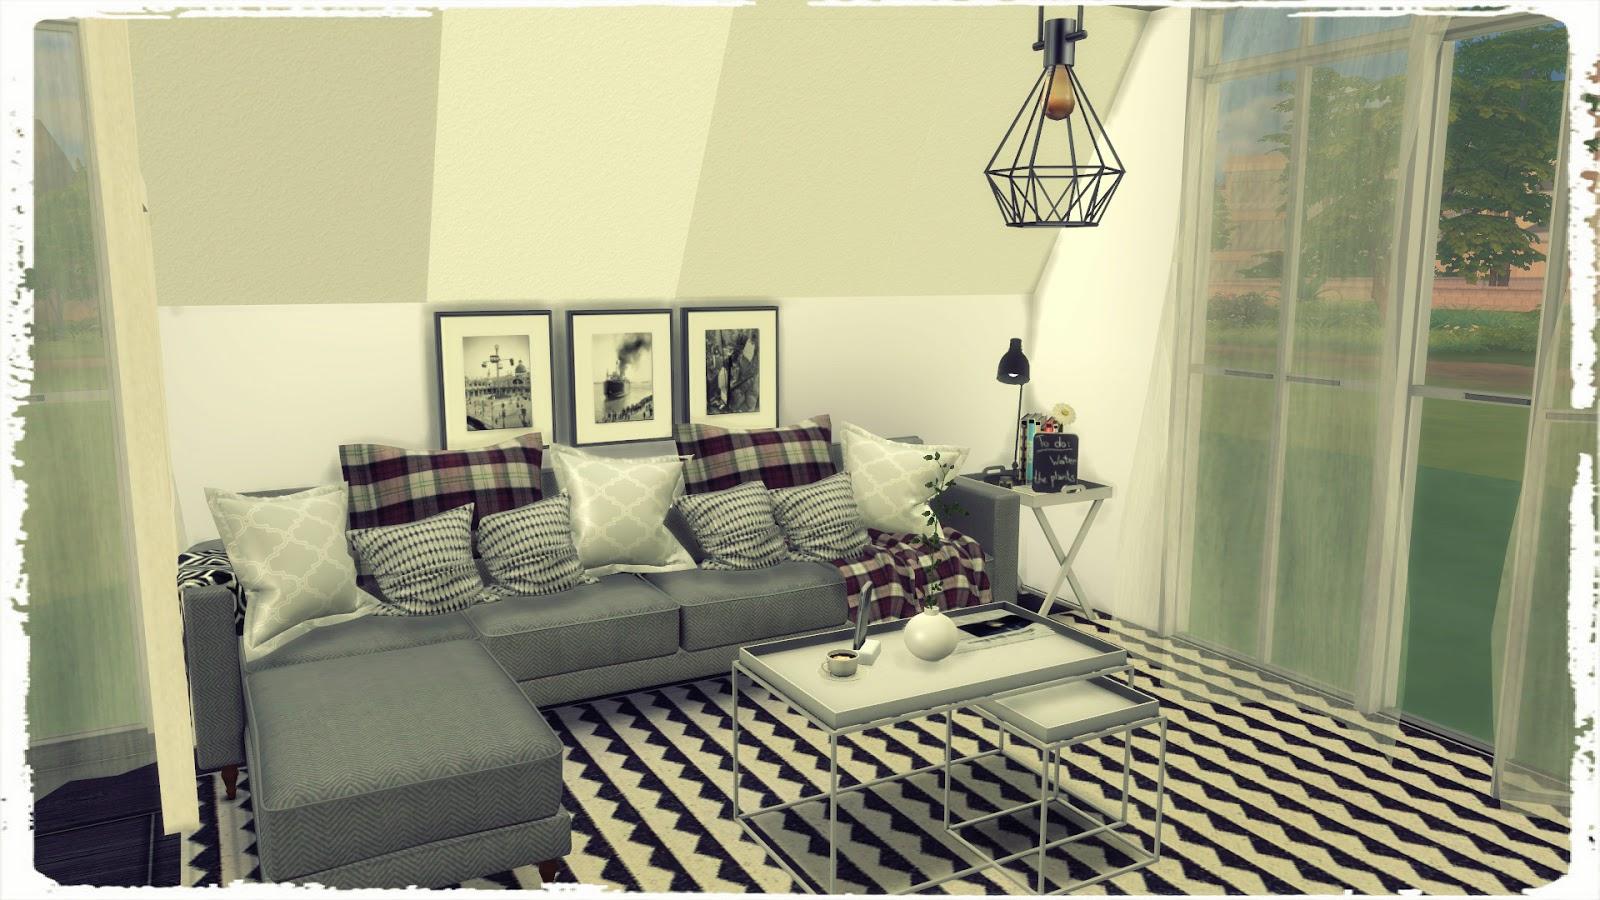 Sims 4 holmsund livingroom build decoration dinha for Living room sims 4